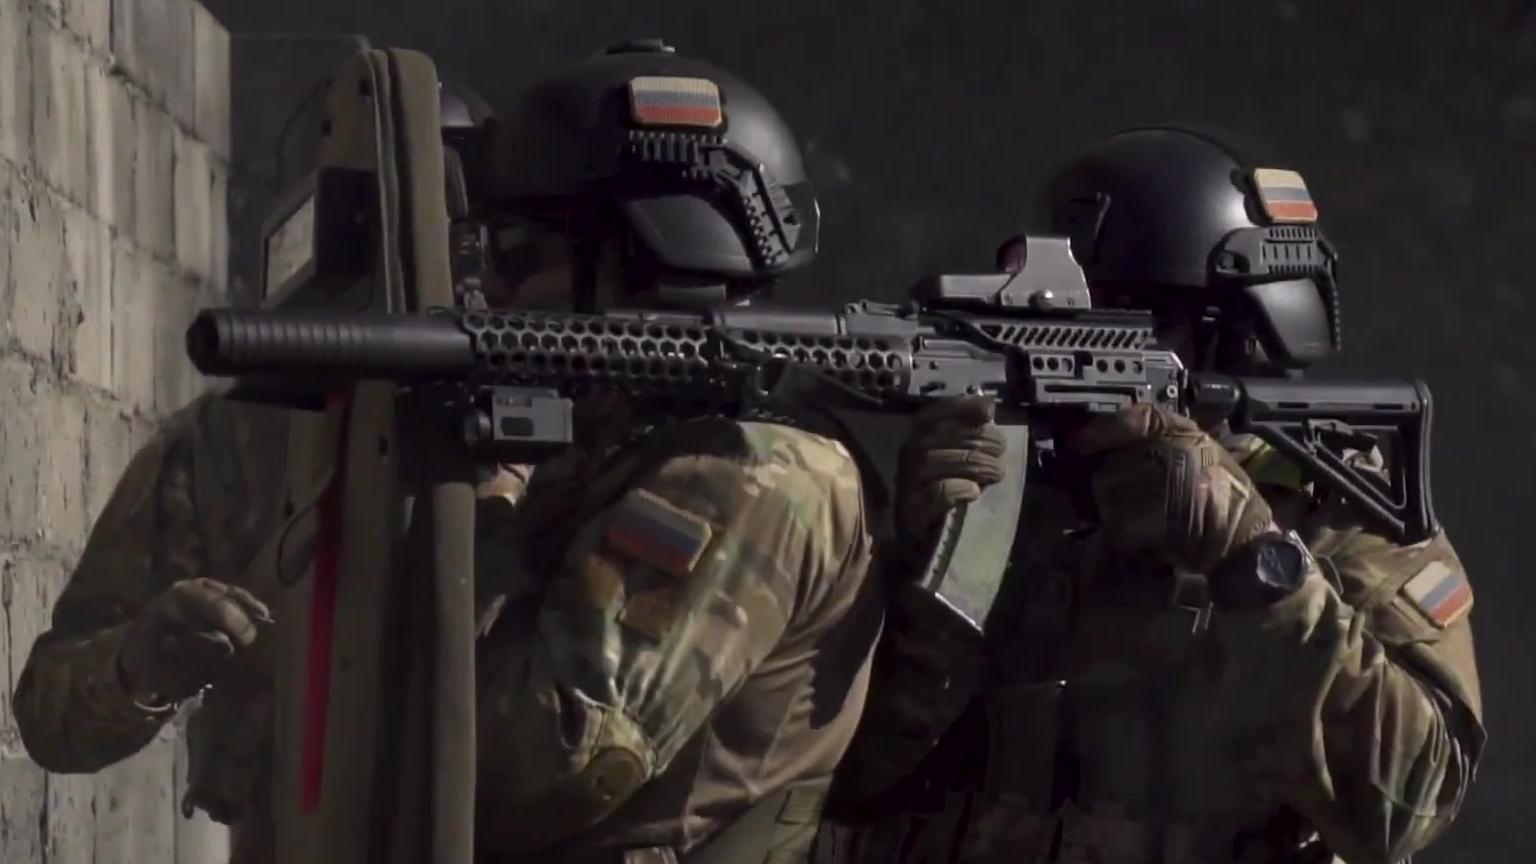 俄罗斯特种部队超硬和训练